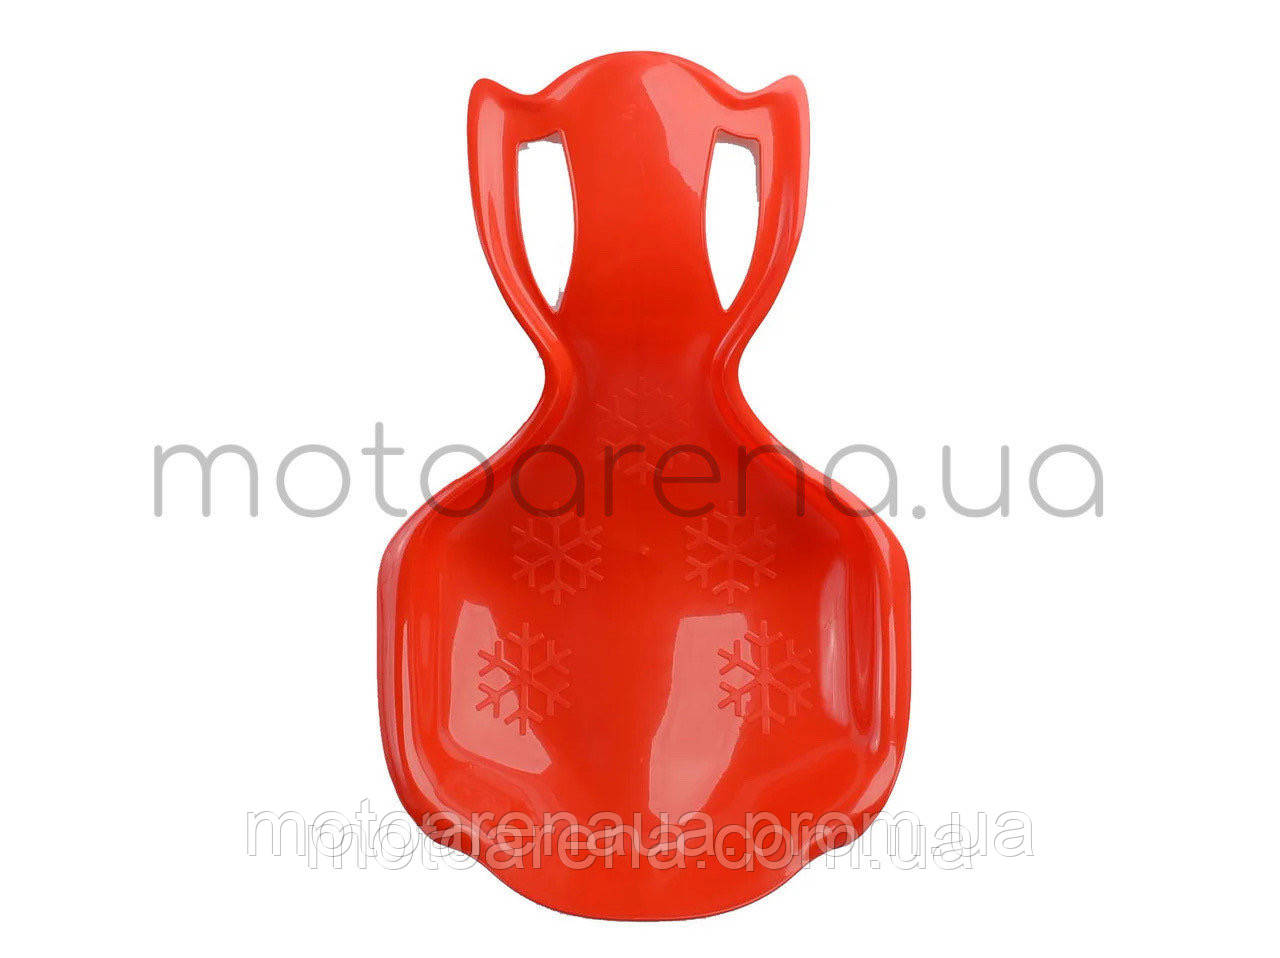 Ледянка PAN SLEDGE (червона)